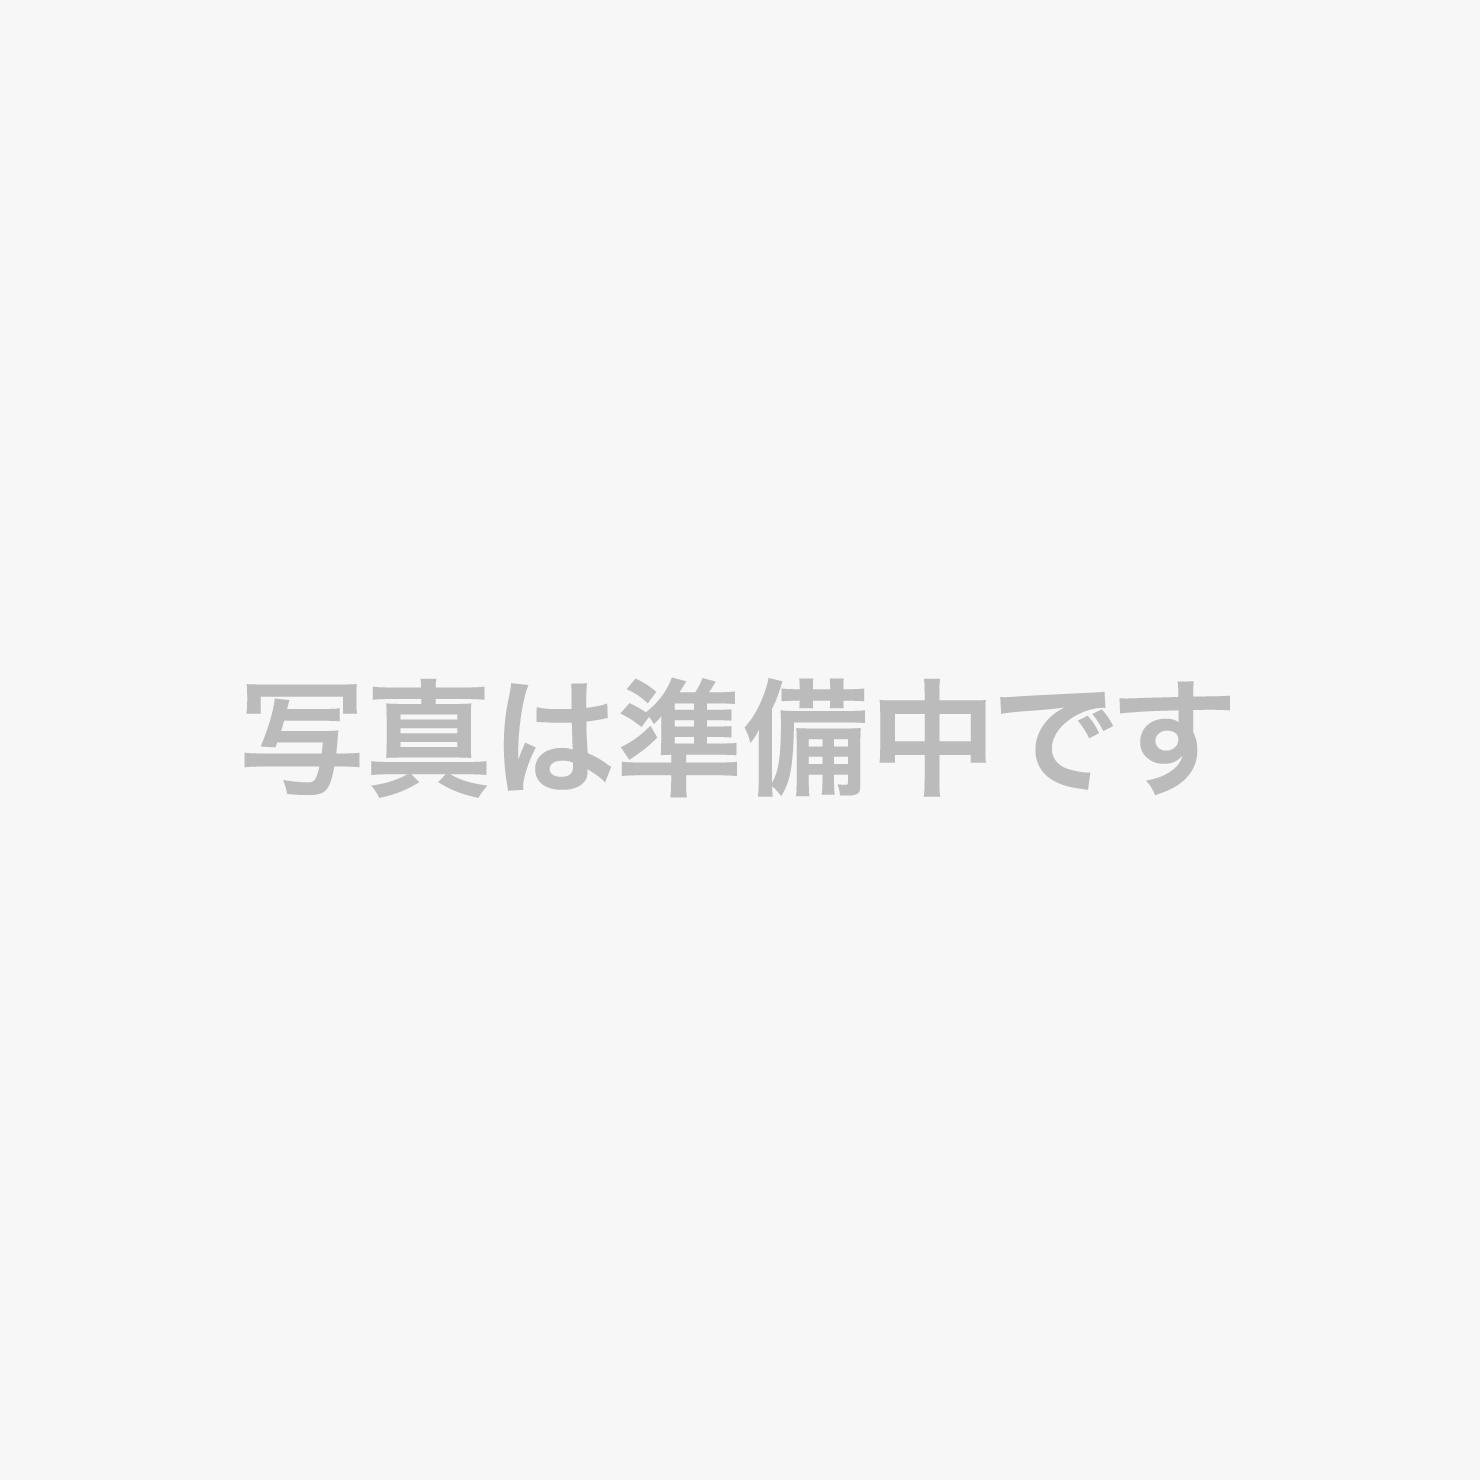 京都ホテルオークラ別邸 京料理 粟田山荘/もとは西陣の織元の別荘.数寄屋造りのしつらえ、鞍馬・貴船の名石と植栽の妙が心に染みる庭園「石翠」・・・選び抜かれた素材の美味しさそのままに、季節の風情がまるごと盛り込まれたようなお料理をお楽しみいただけます。